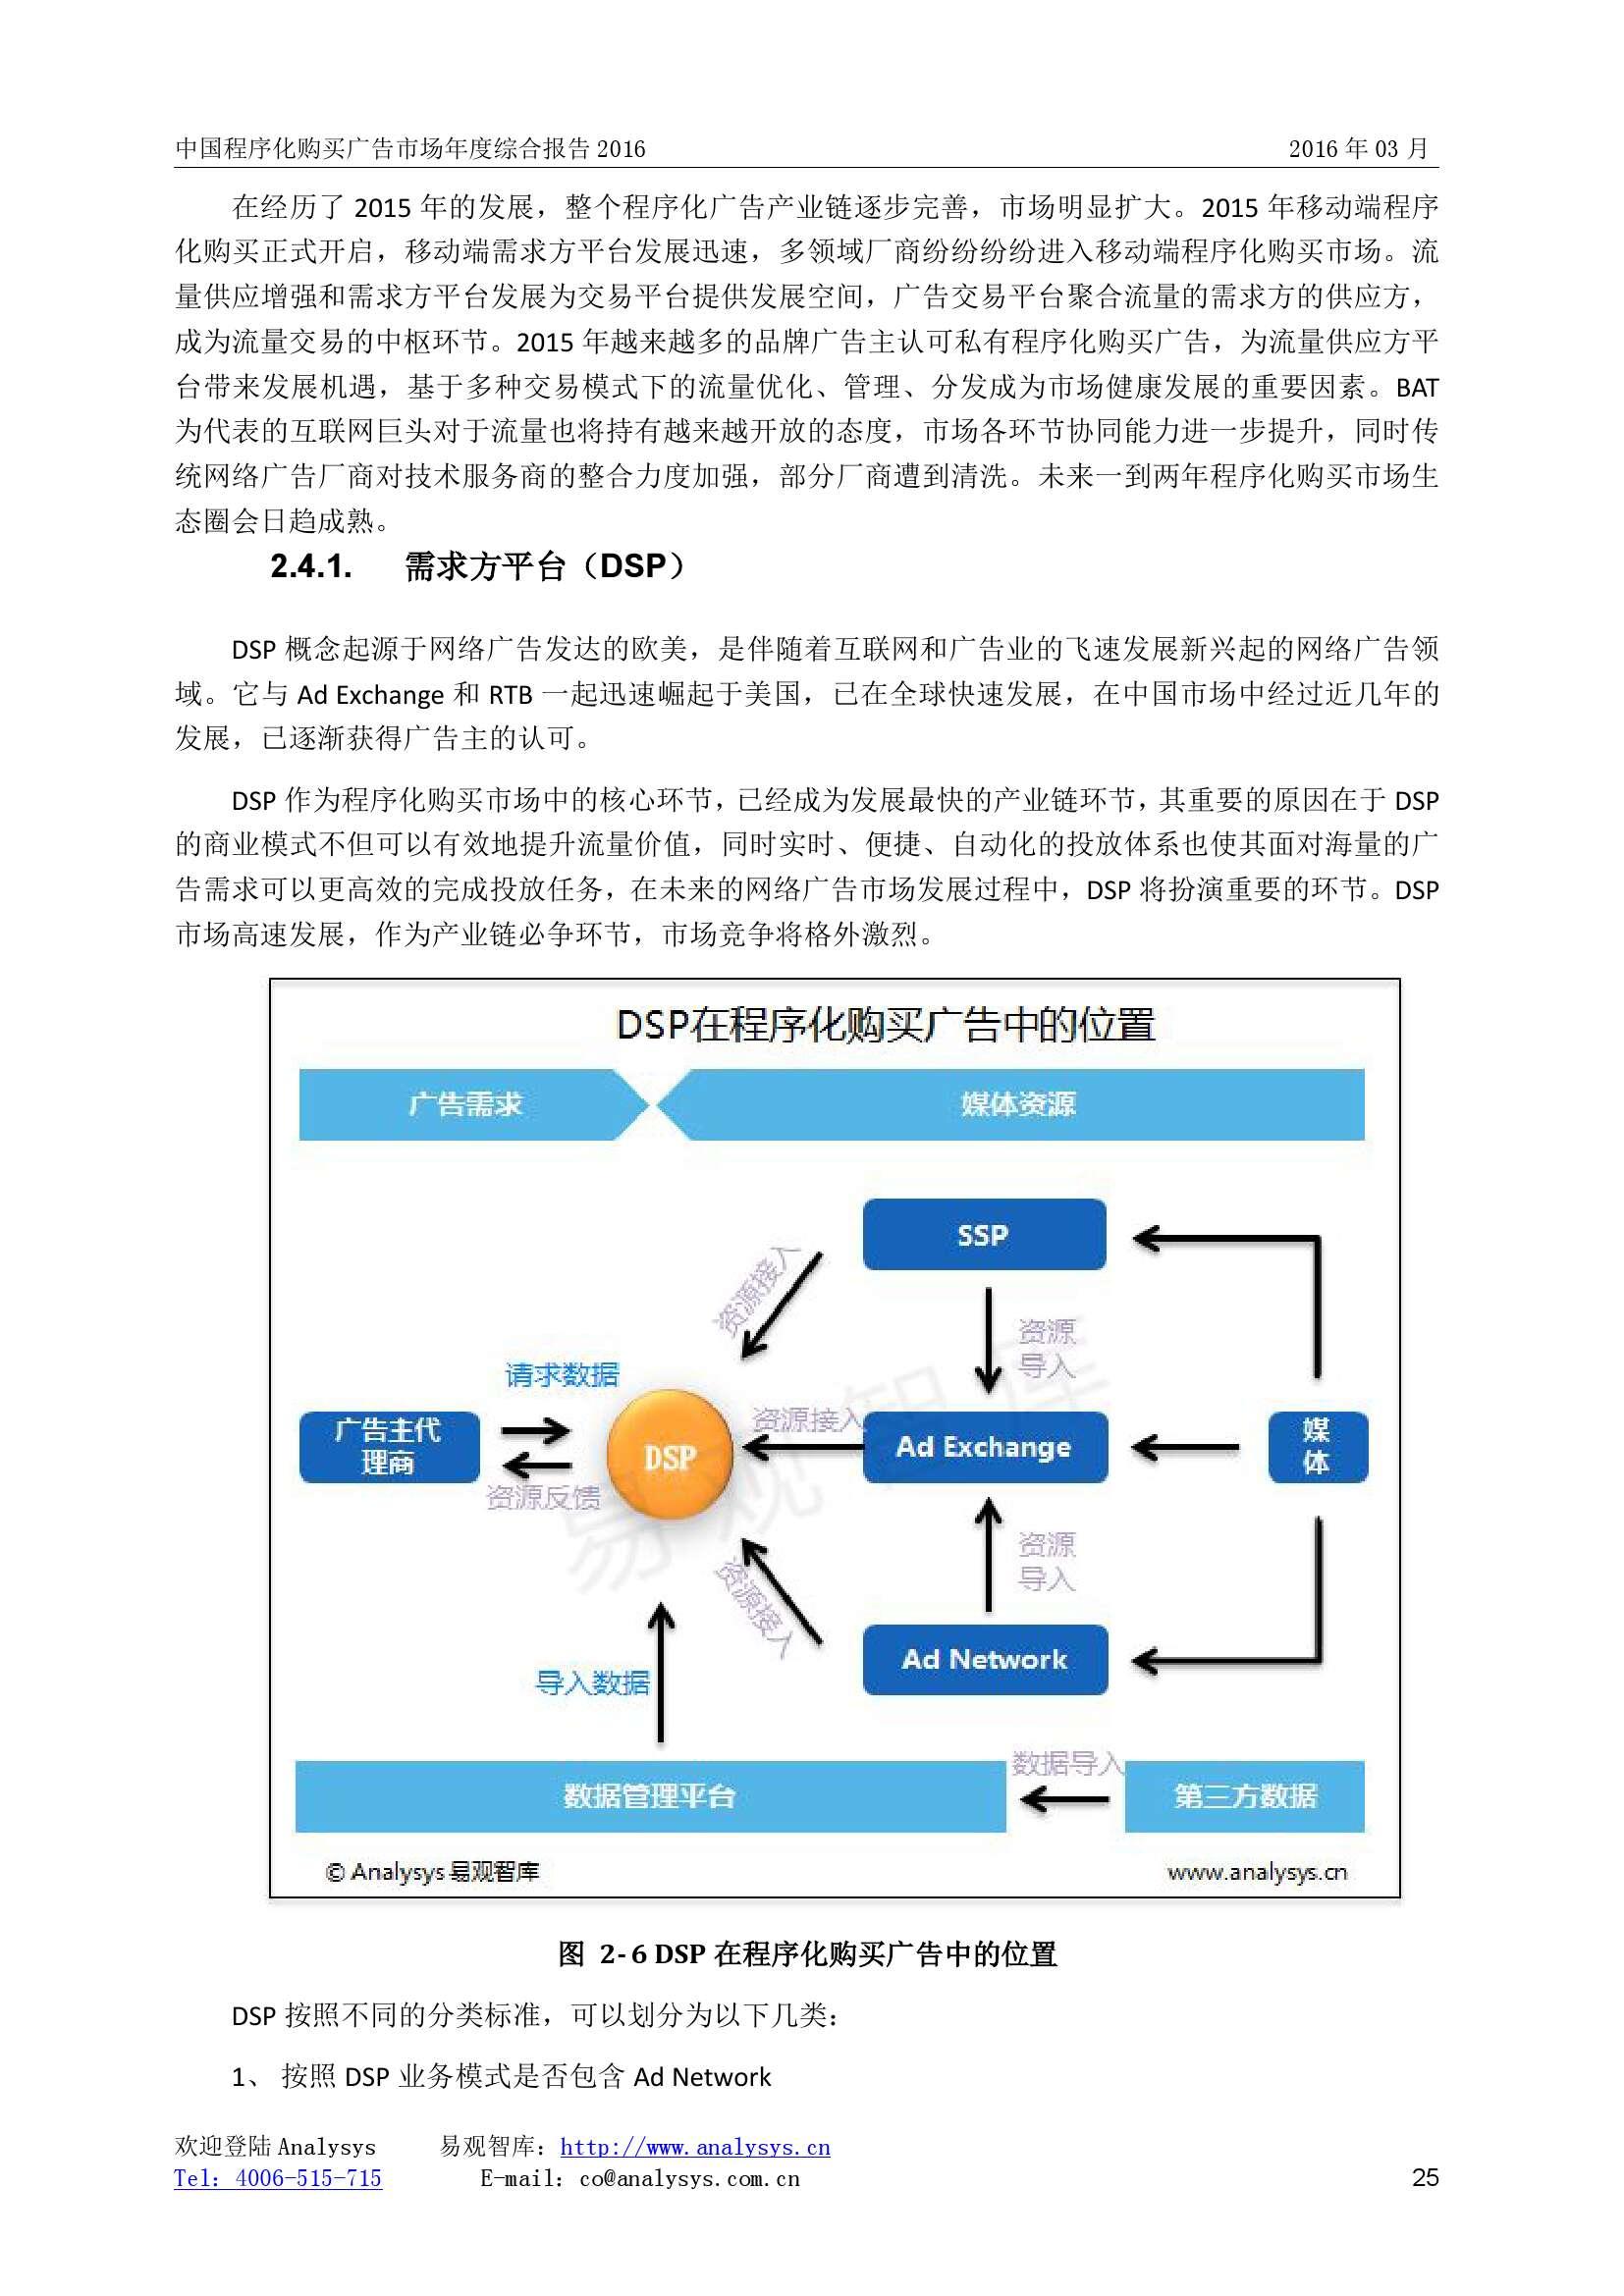 中国程序化购买广告市场年度综合报告2016_000025